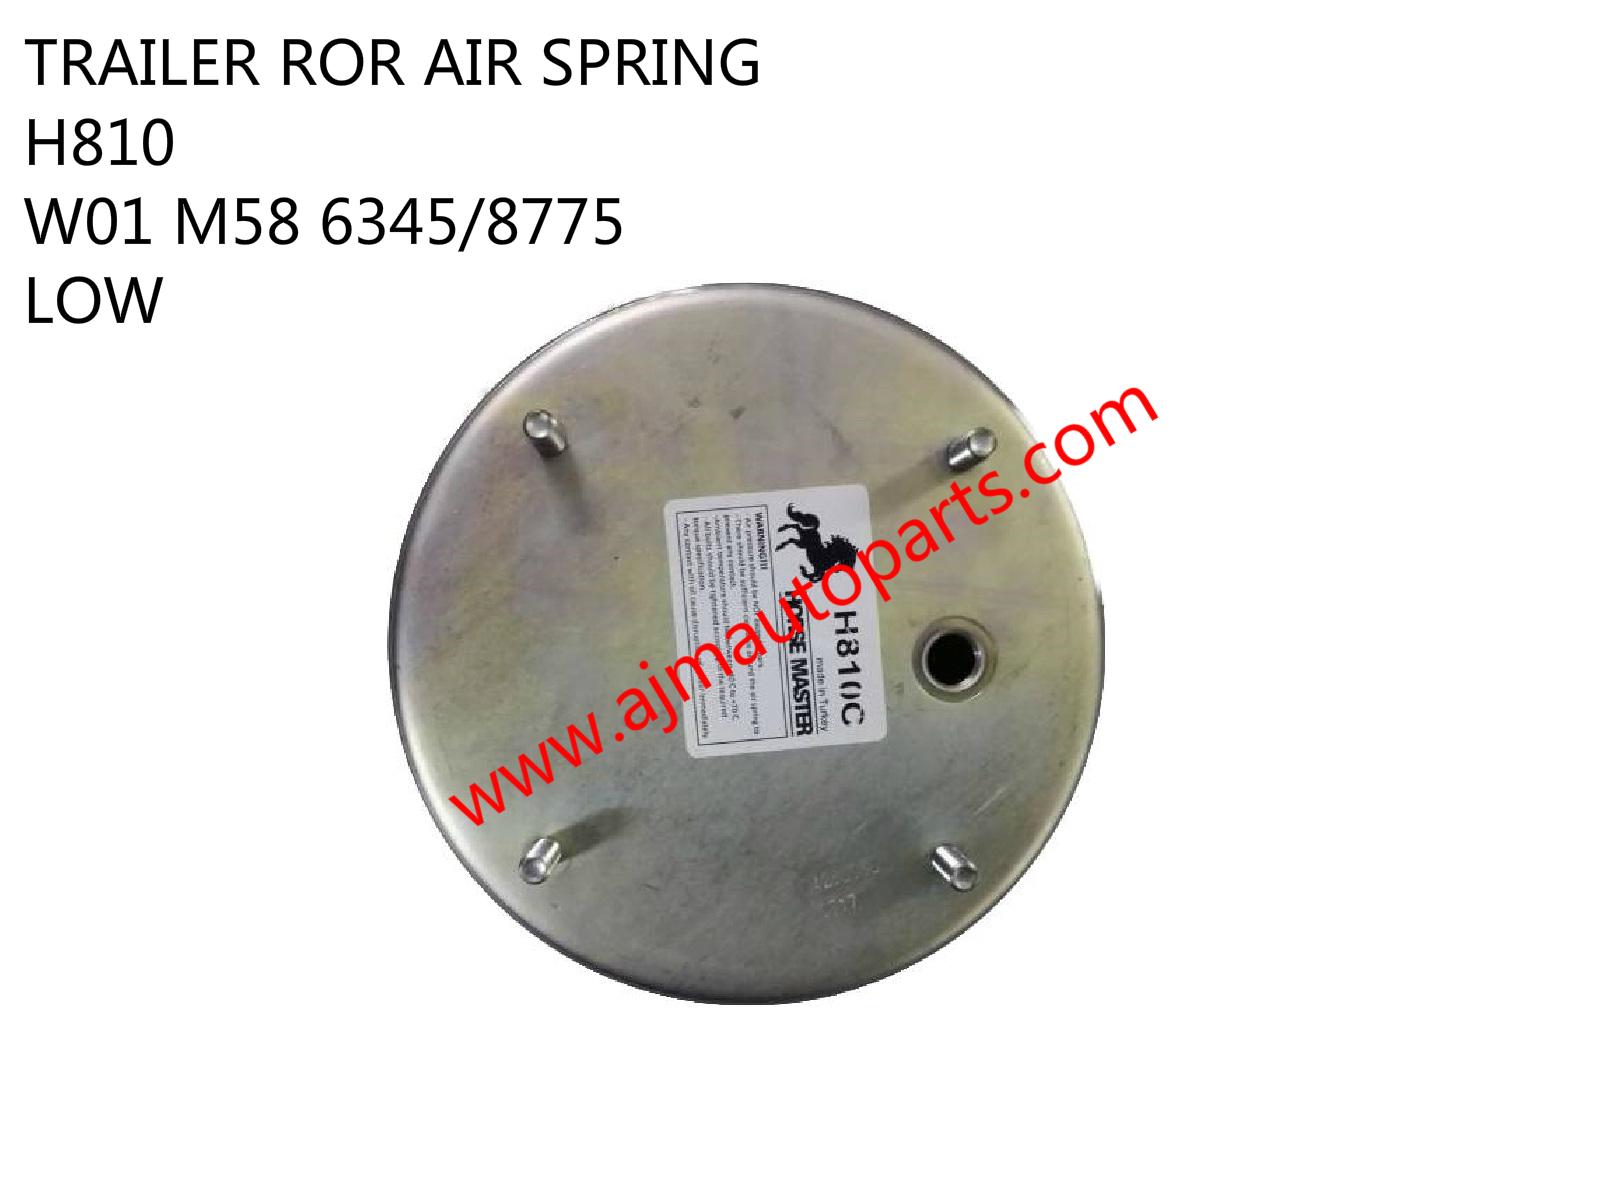 TRAILER ROR AIR SPRING h810